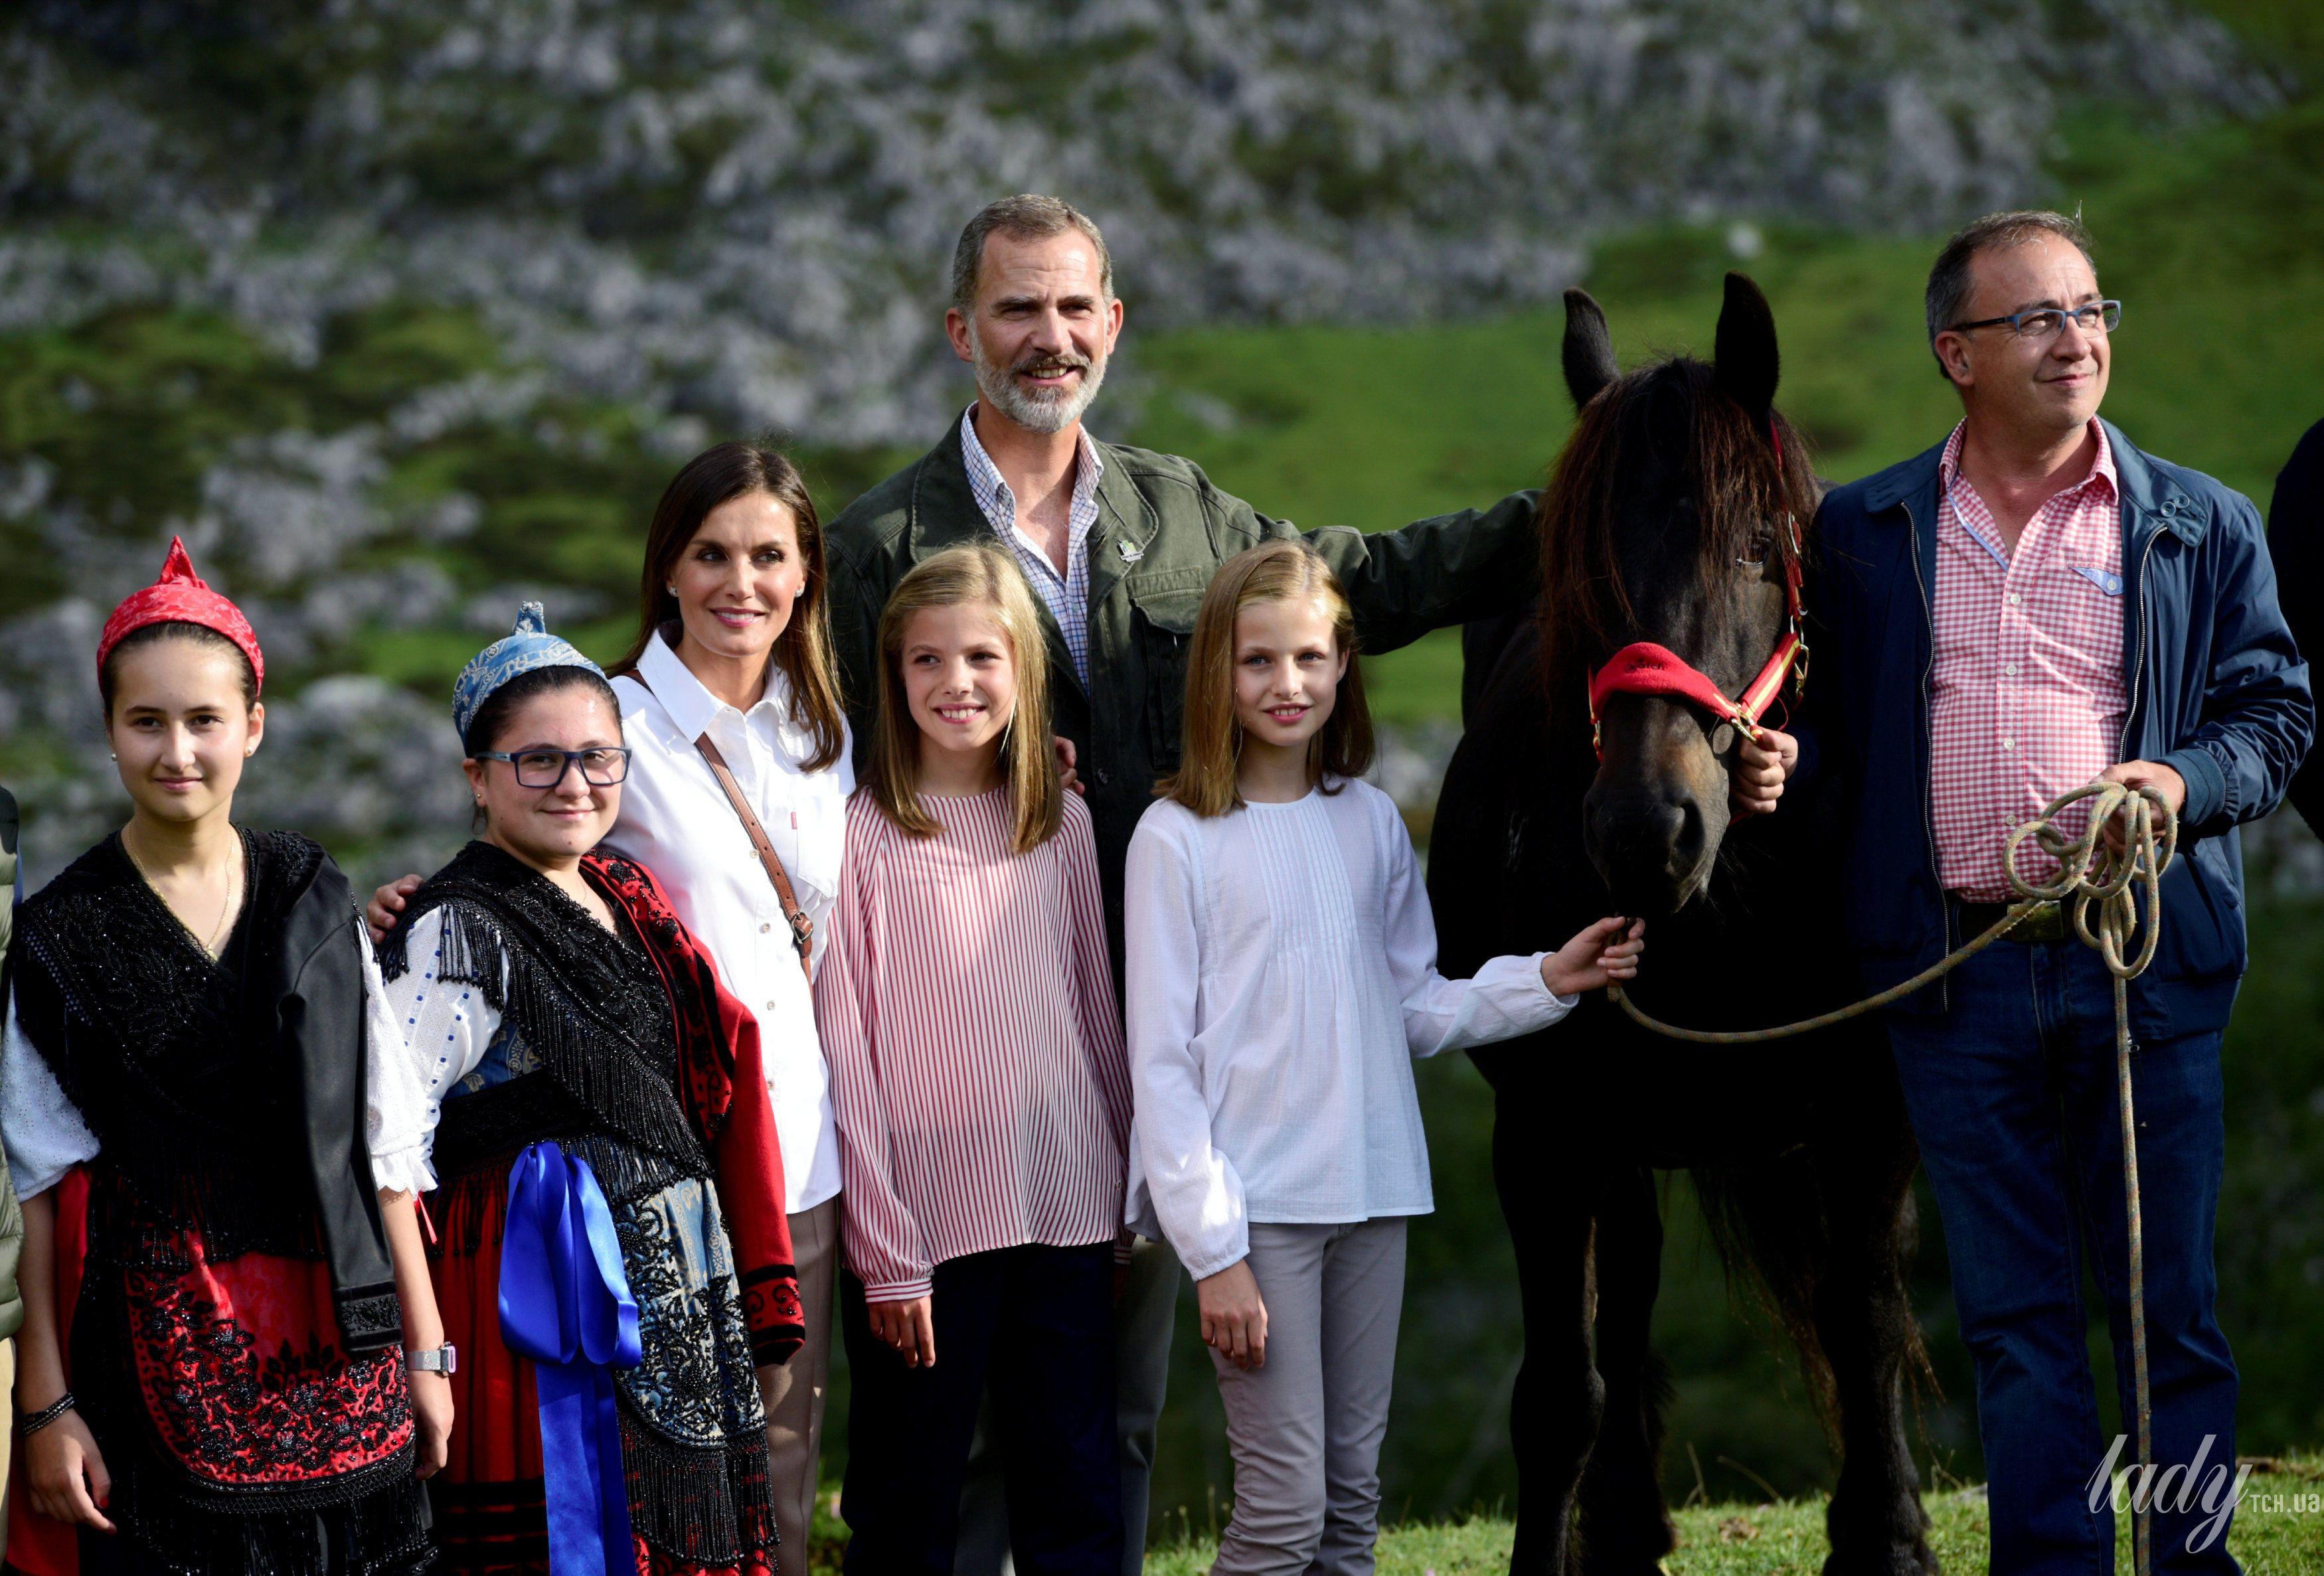 Испанская королевская семья: король Филипп, королева Летиция, принцессы Леонор и София_8